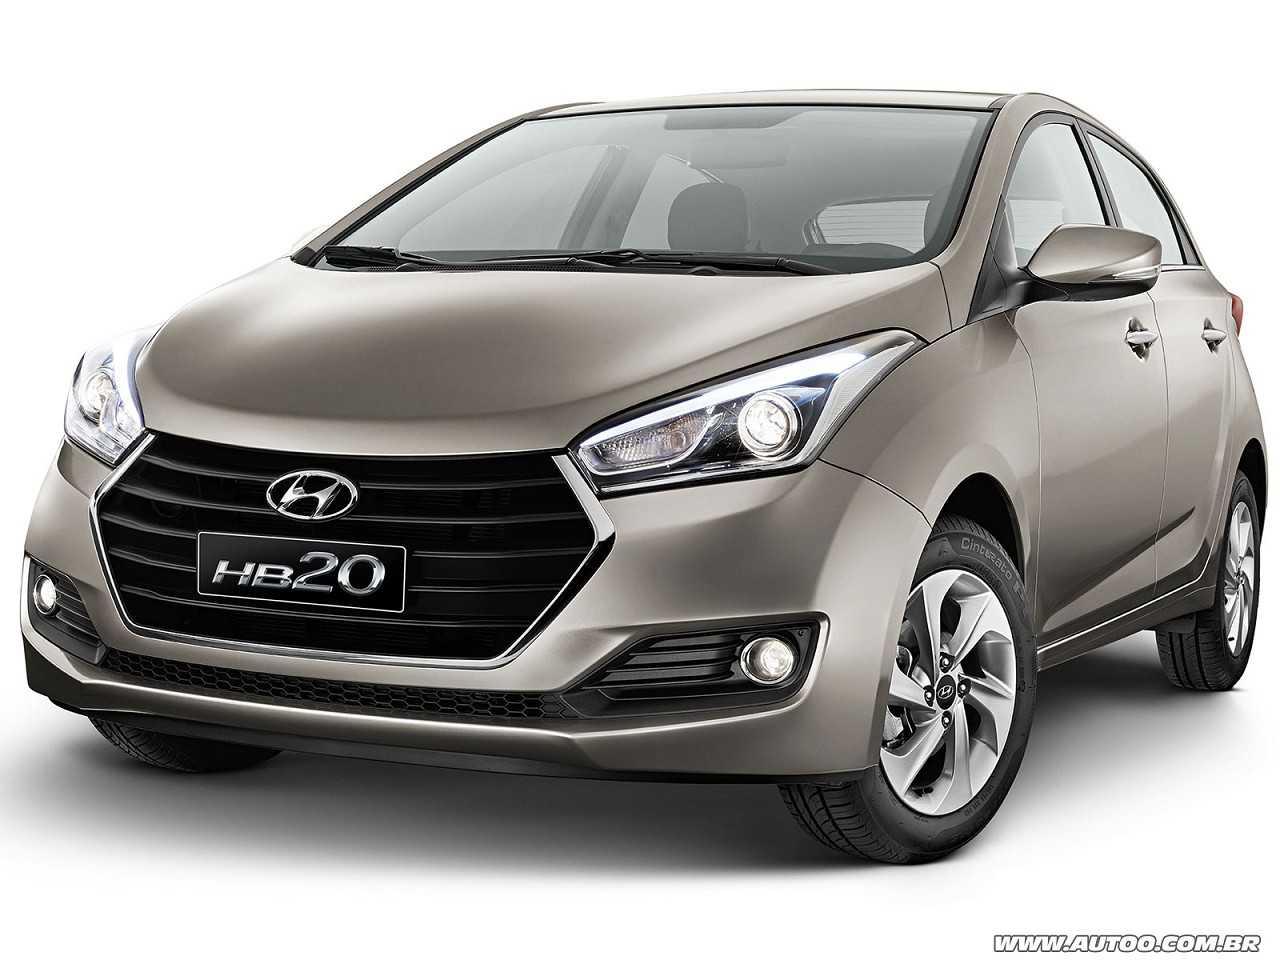 Hyundai HB20 2017